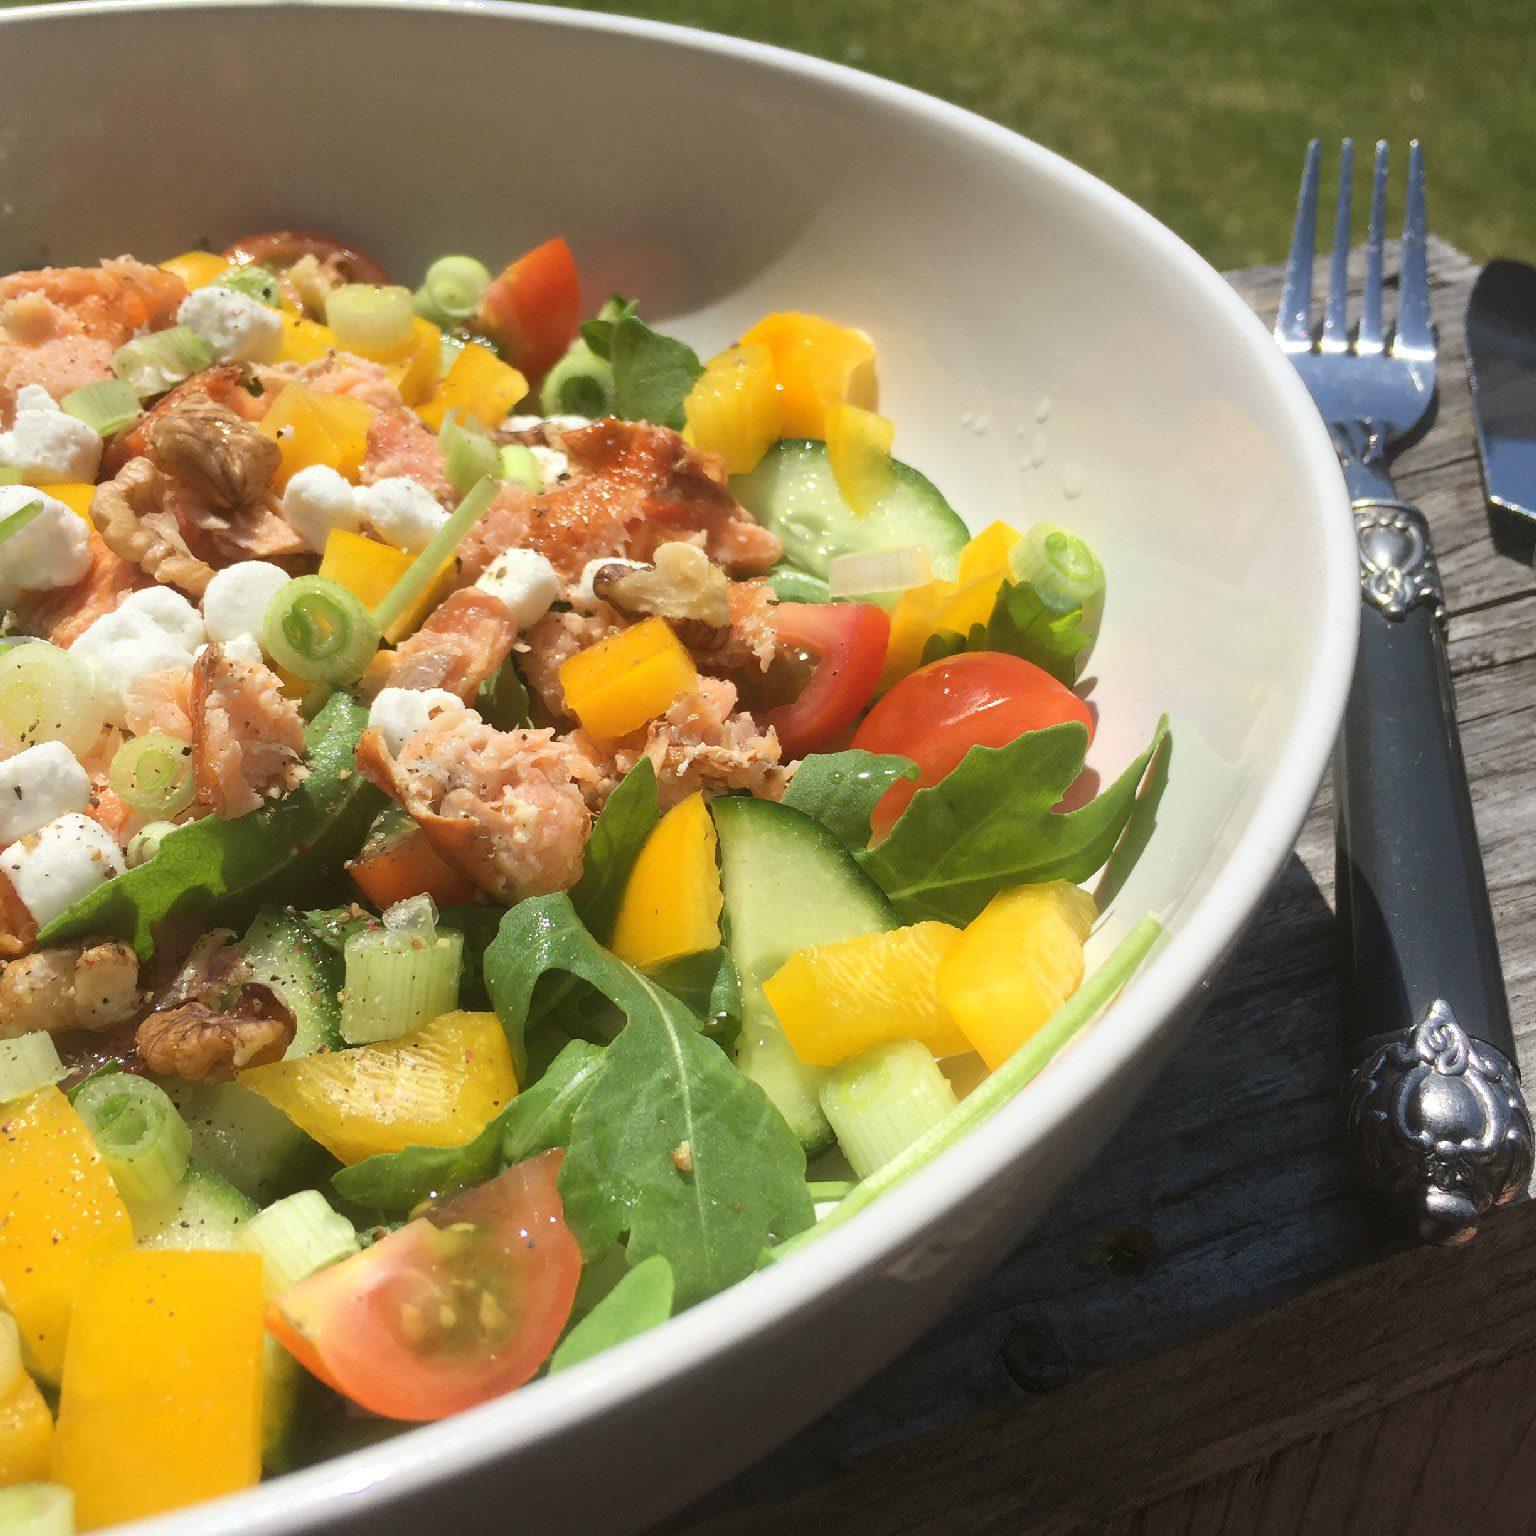 Frisse salade met zalm en geitenkaas - saladerecepten